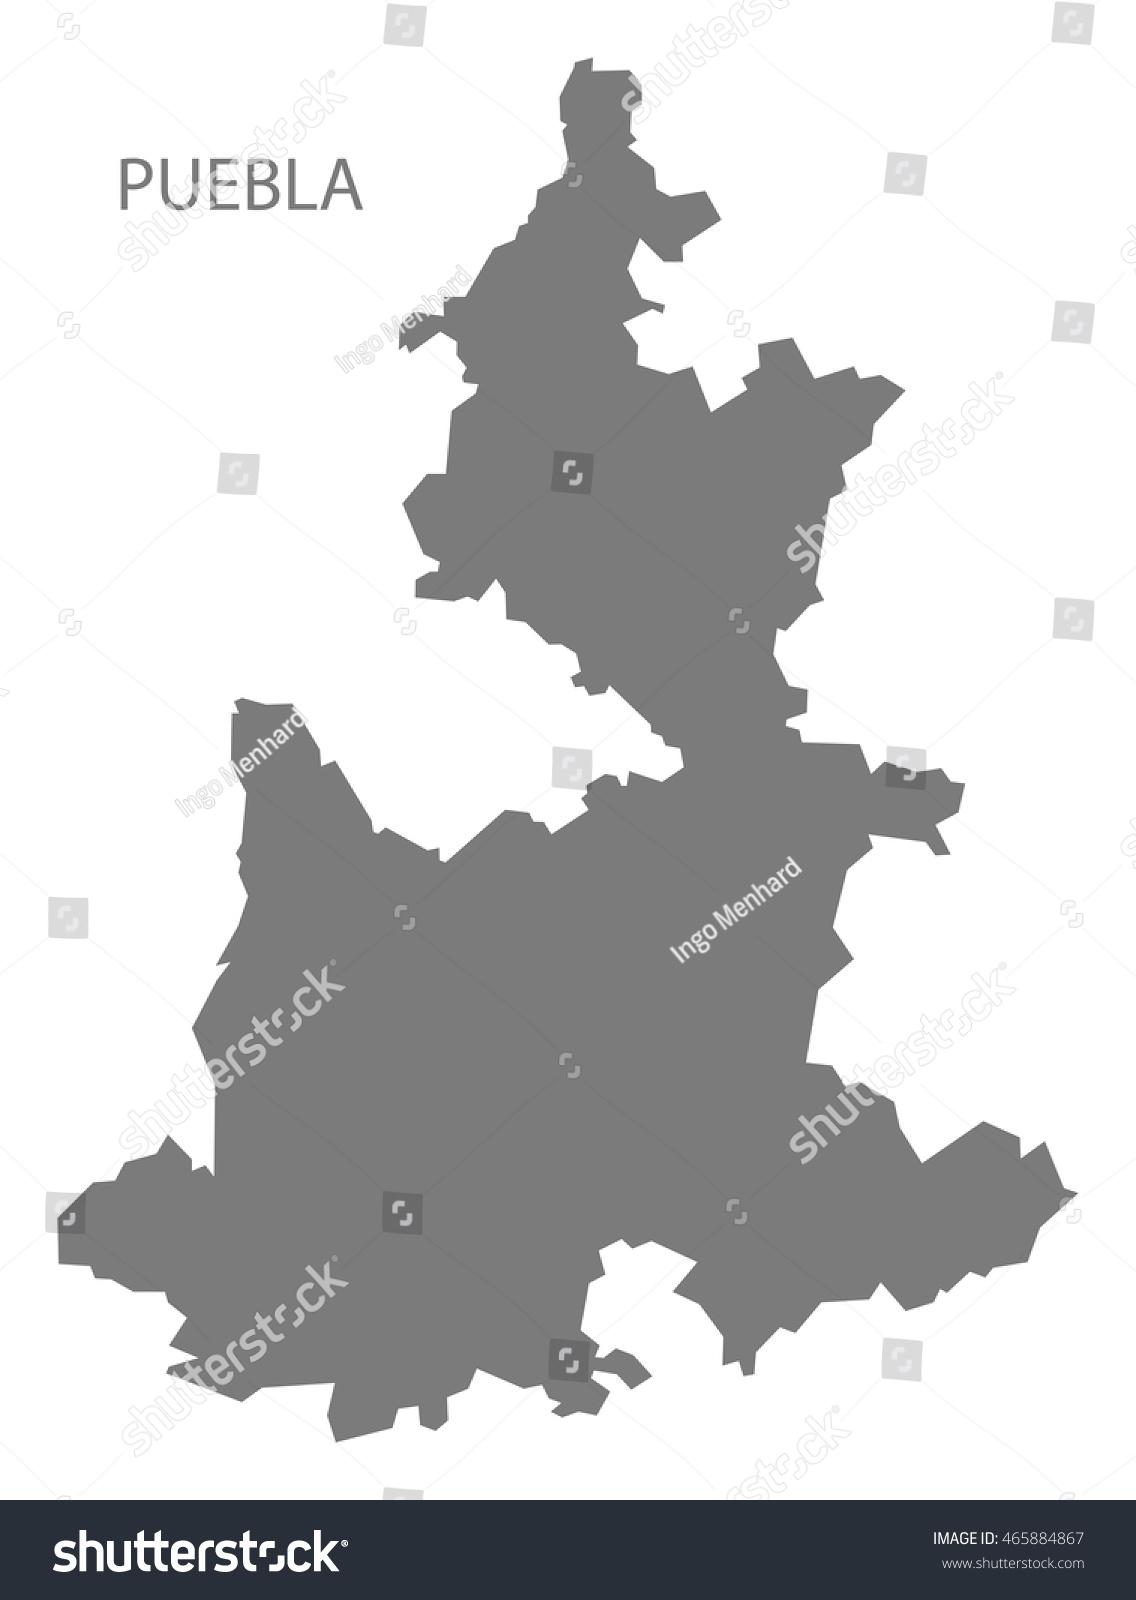 Puebla Mexico Map Grey Stock Vector Royalty Free 465884867